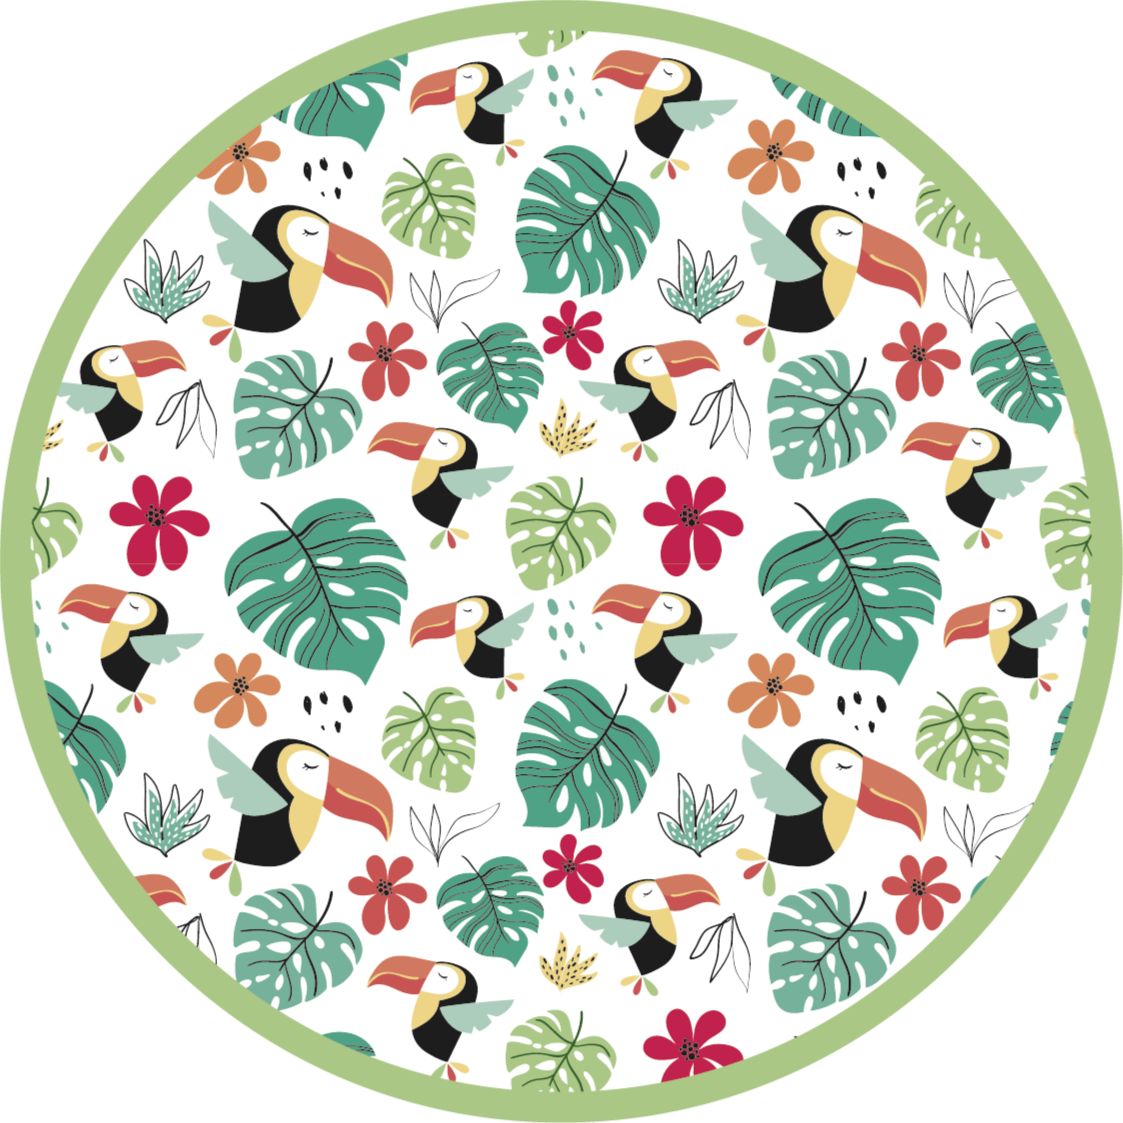 TenStickers. виниловый коврик с тропическими листьями и птицами. его виниловый коврик украшен множеством различных предметов из джунглей, включая попугаев, цветы и листья. доступны в различных размерах в соответствии с вашими потребностями.